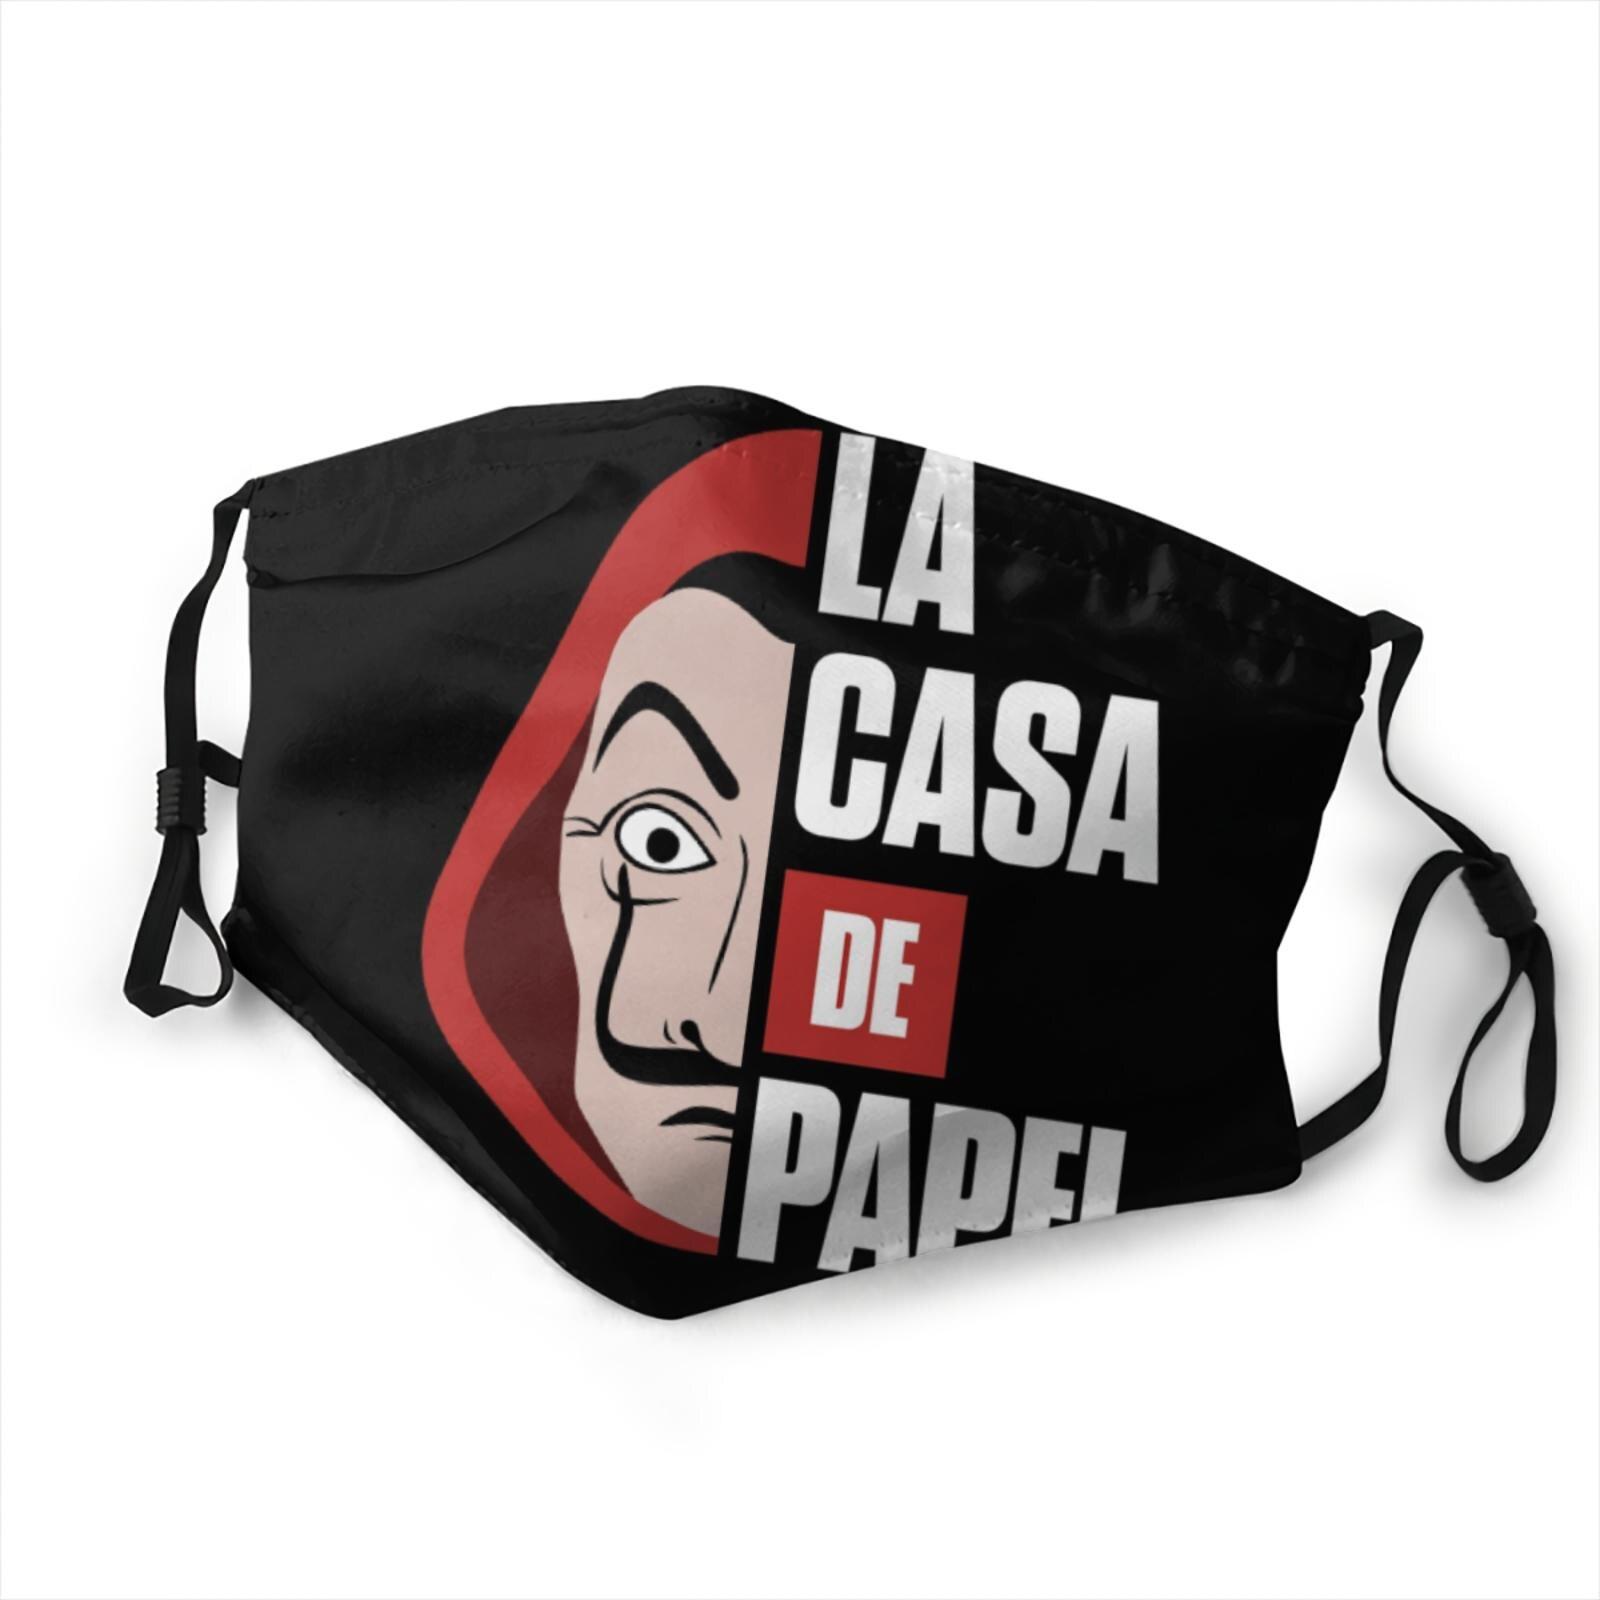 Masque anti-poussière personnalisé pour femmes et hommes, t-shirt la casa de papel, filtre à air, costume, 2020